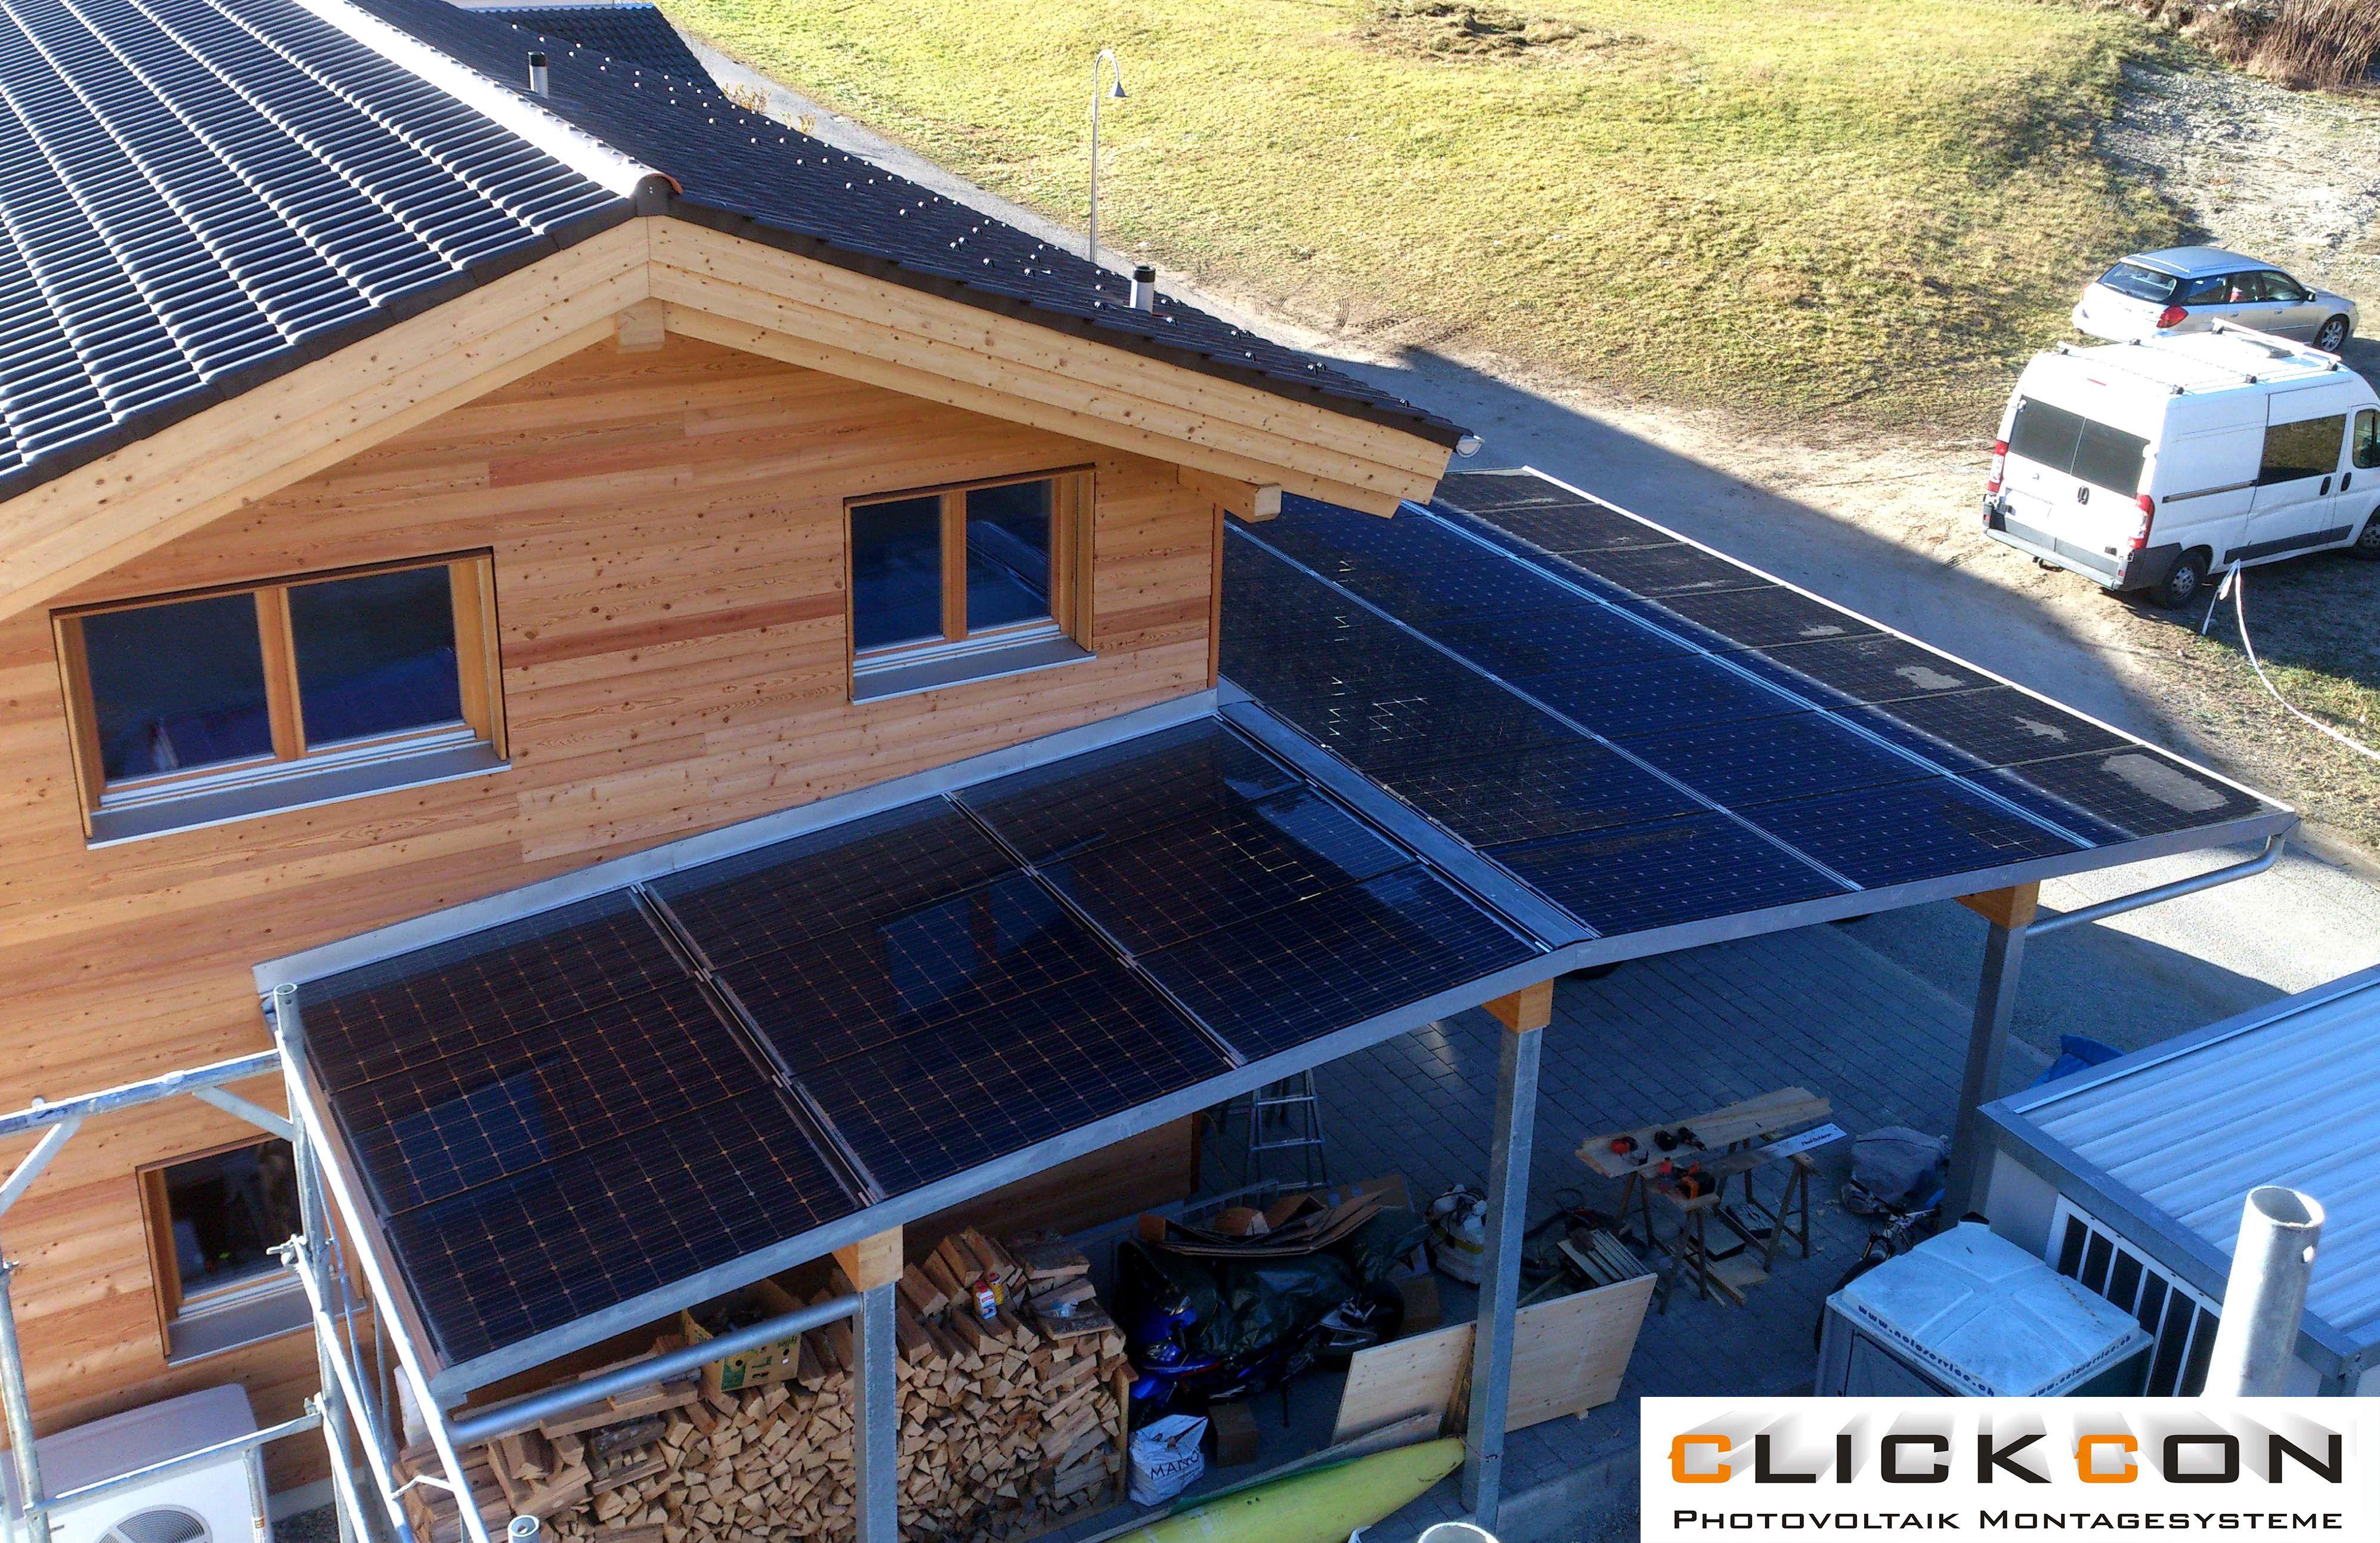 Photovoltaik Carport Carport